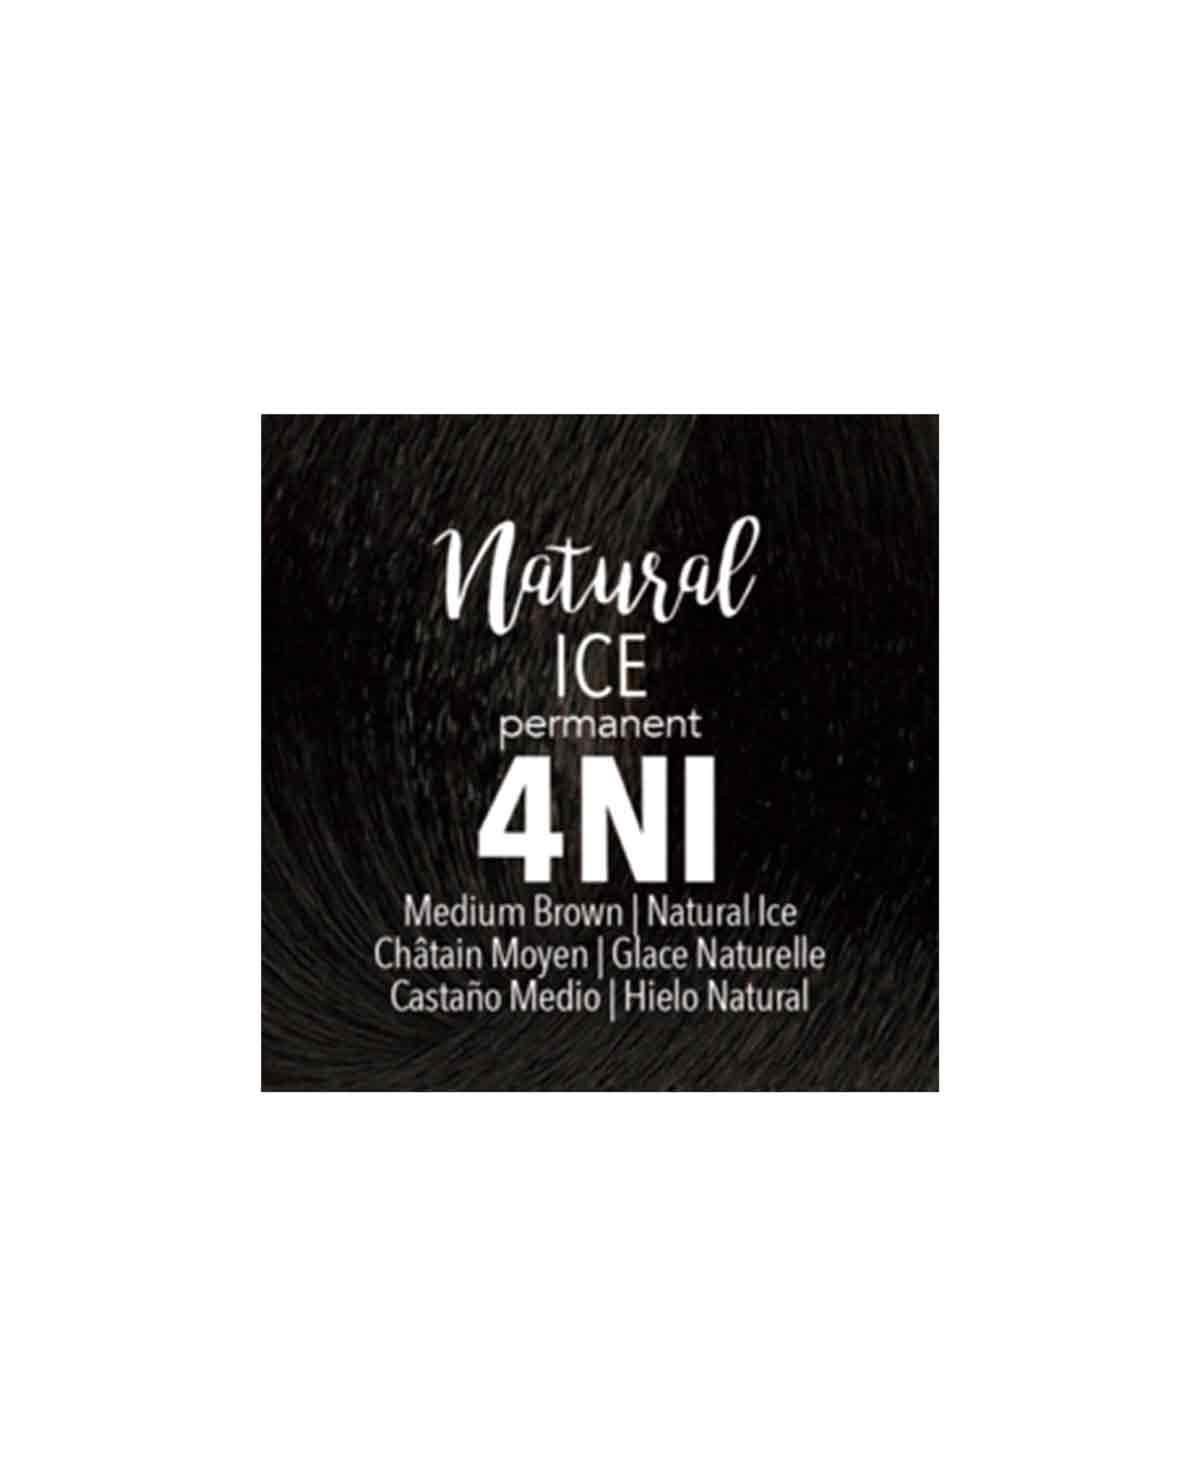 Mydentity - 4NI Medium Brown Natural Ice